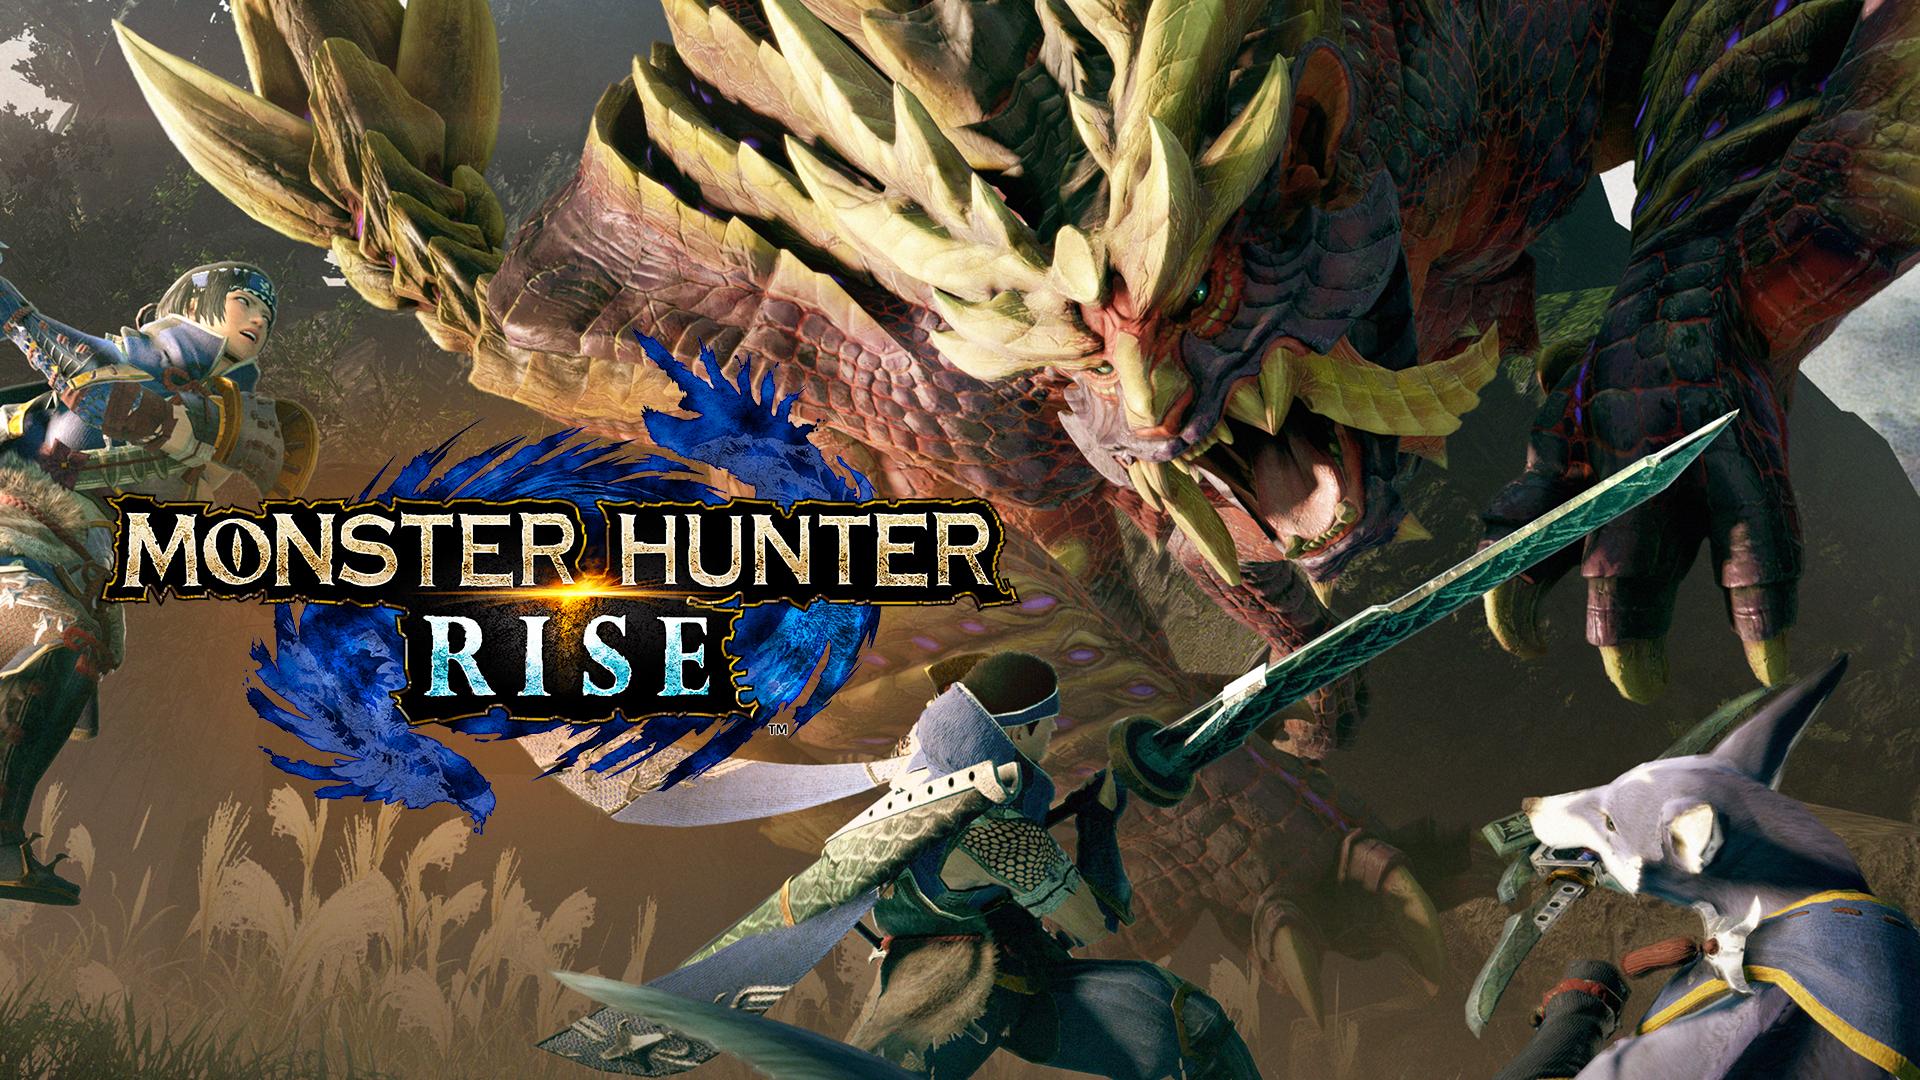 Monster Hunter Rise official artwork